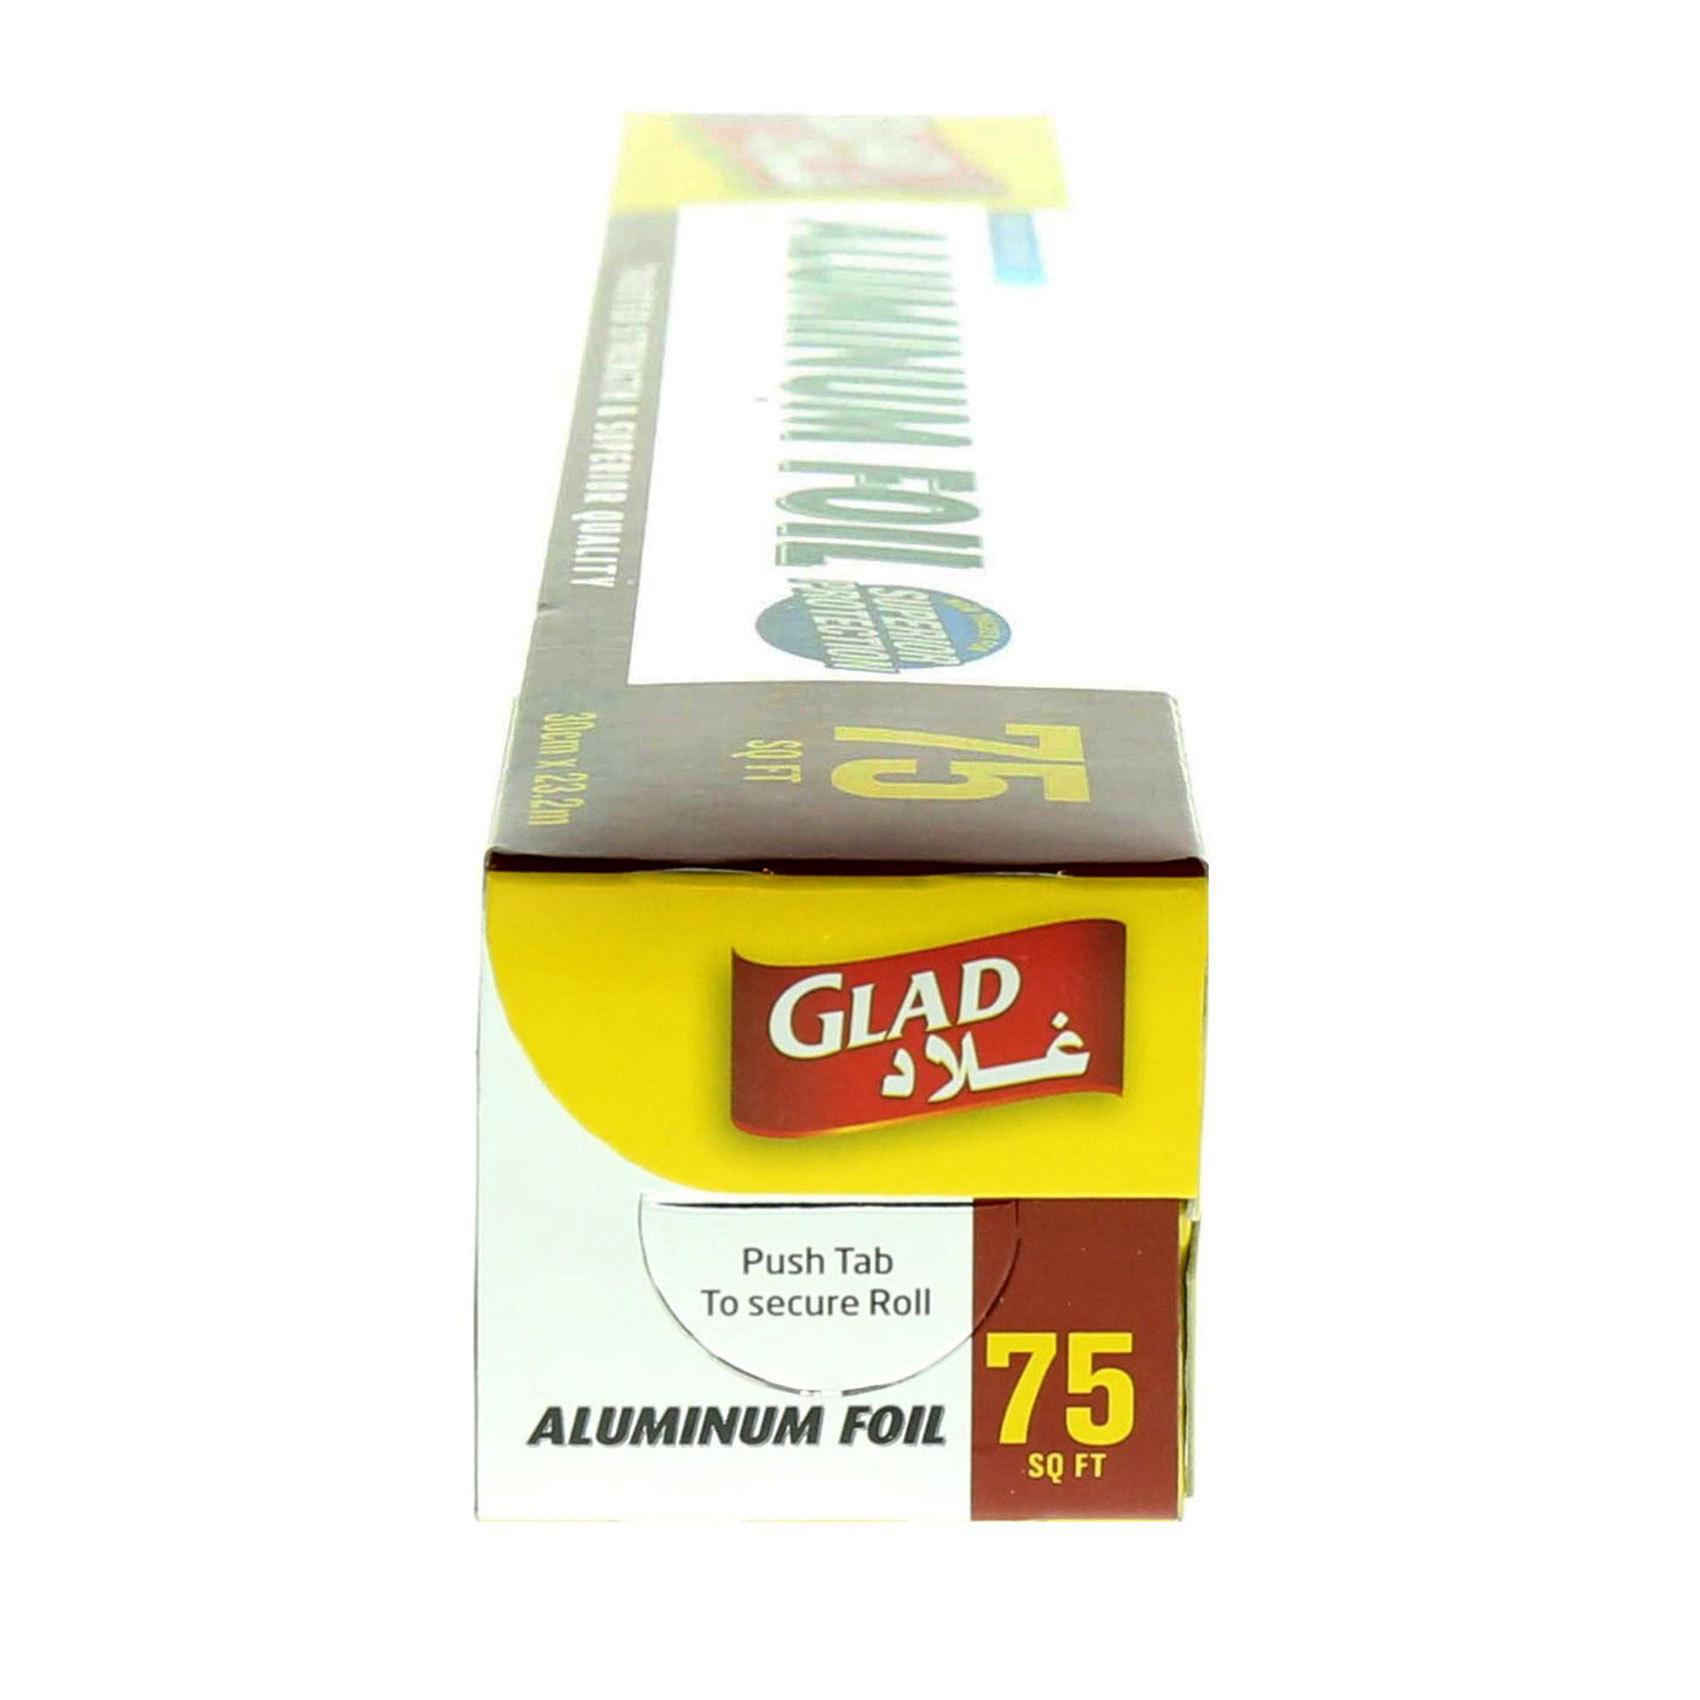 GLAD ALUMINUM FOIL 12 X 75 SQ FT